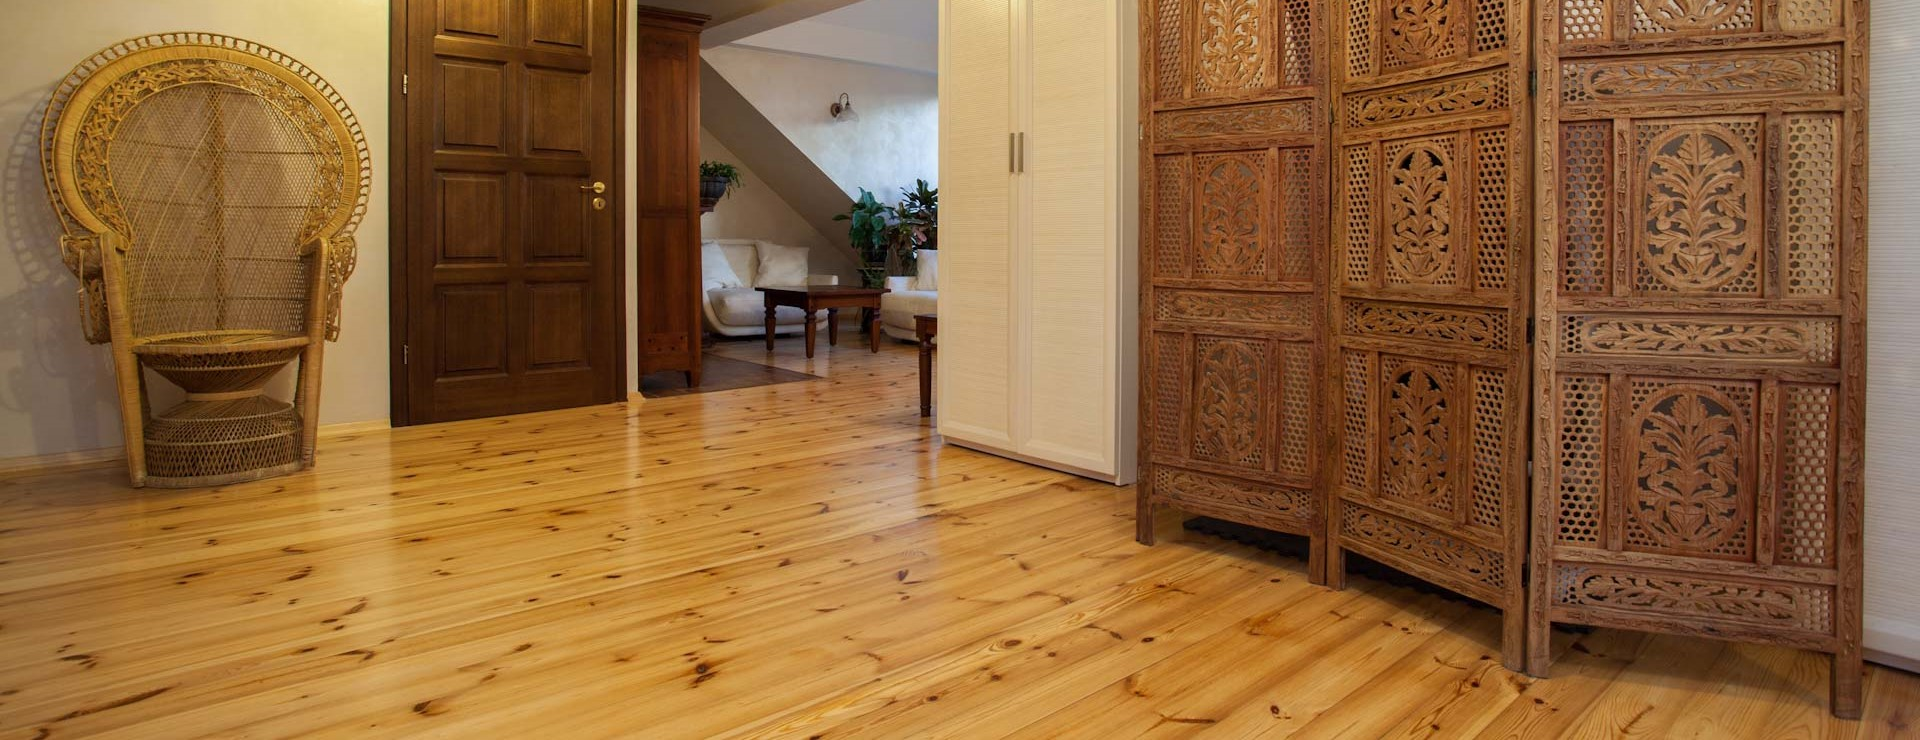 Melbourne Deck and Floor Restoration